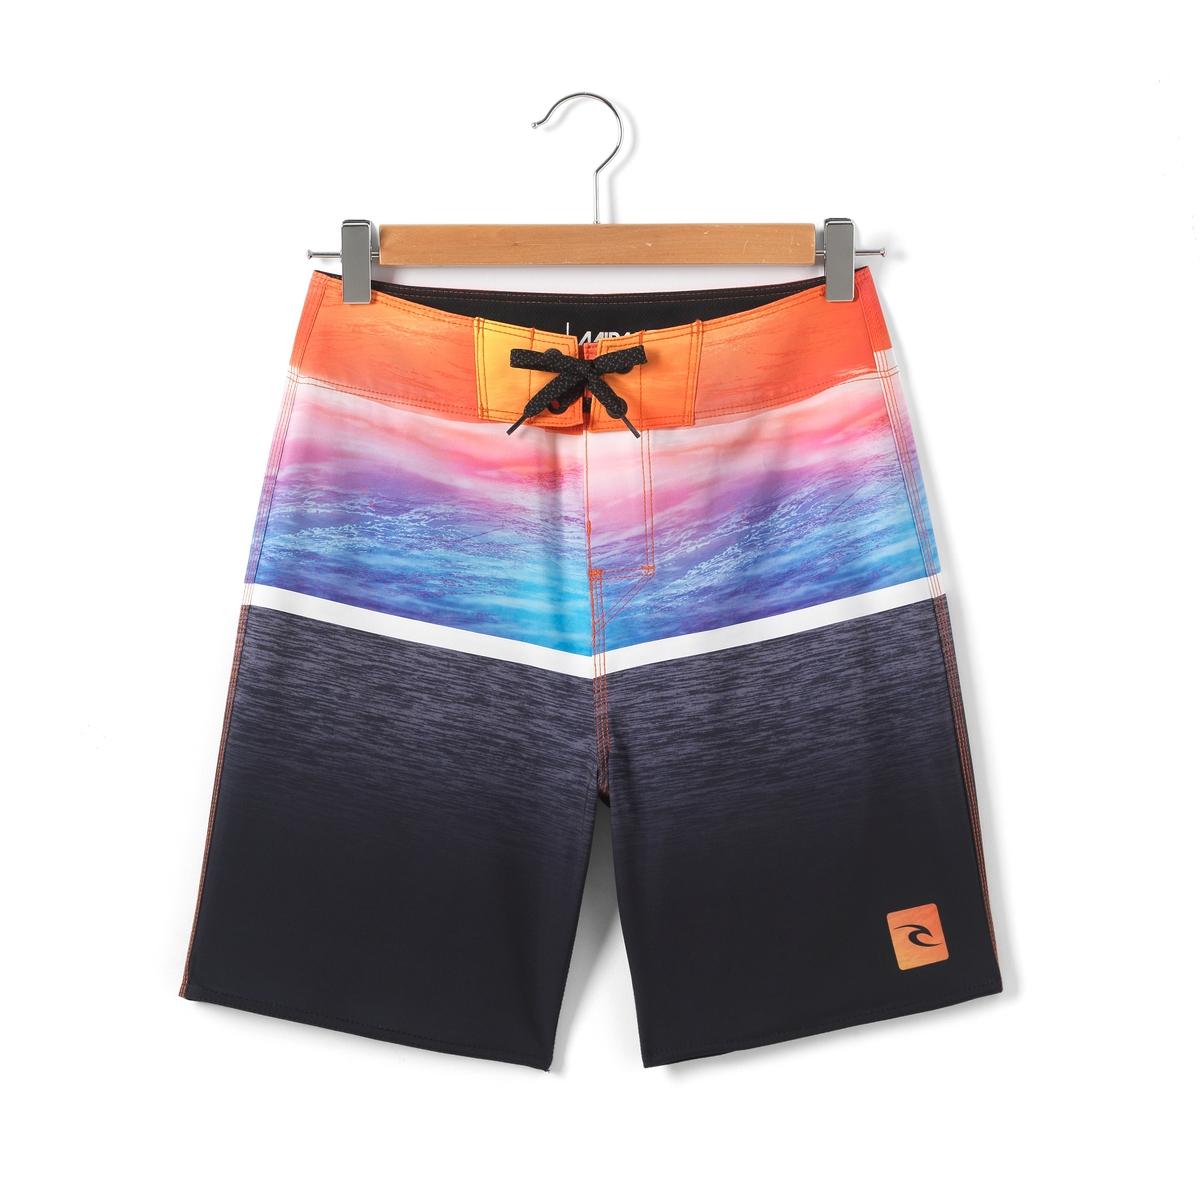 Шорты пляжные в разноцветную полоску 8-16 летШорты пляжные в разноцветную полоску . Плоский пояс на шнурке . Логотип RIP CURL спереди  . Карман с клапаном на застежке-велкро сзади . Состав и описание : Материал       100% полиэстерДлина    43 см Марка: RIP CURLУход :- Машинная стирка при 30°C с вещами схожих цветов.Стирать, предварительно вывернув на изнанку.Машинная сушка запрещена.Не гладить.<br><br>Цвет: черный + розовый<br>Размер: 10 лет - 138 см